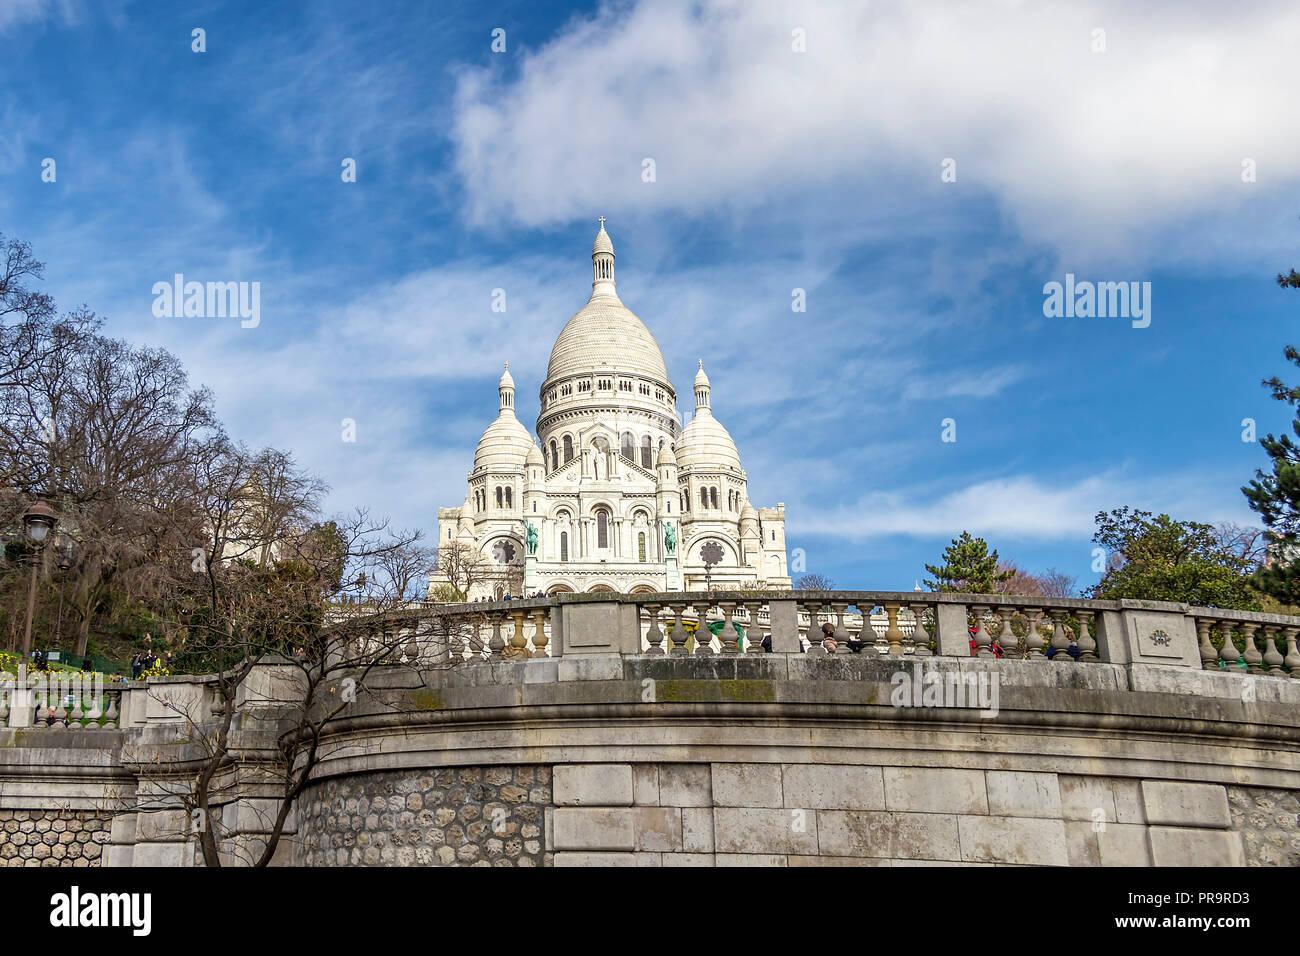 Die Basilika des Heiligen Herzen von Paris ist eine römisch-katholische Kirche und Basilika Minor, dem Heiligsten Herzen Jesu gewidmet ist, Stockbild